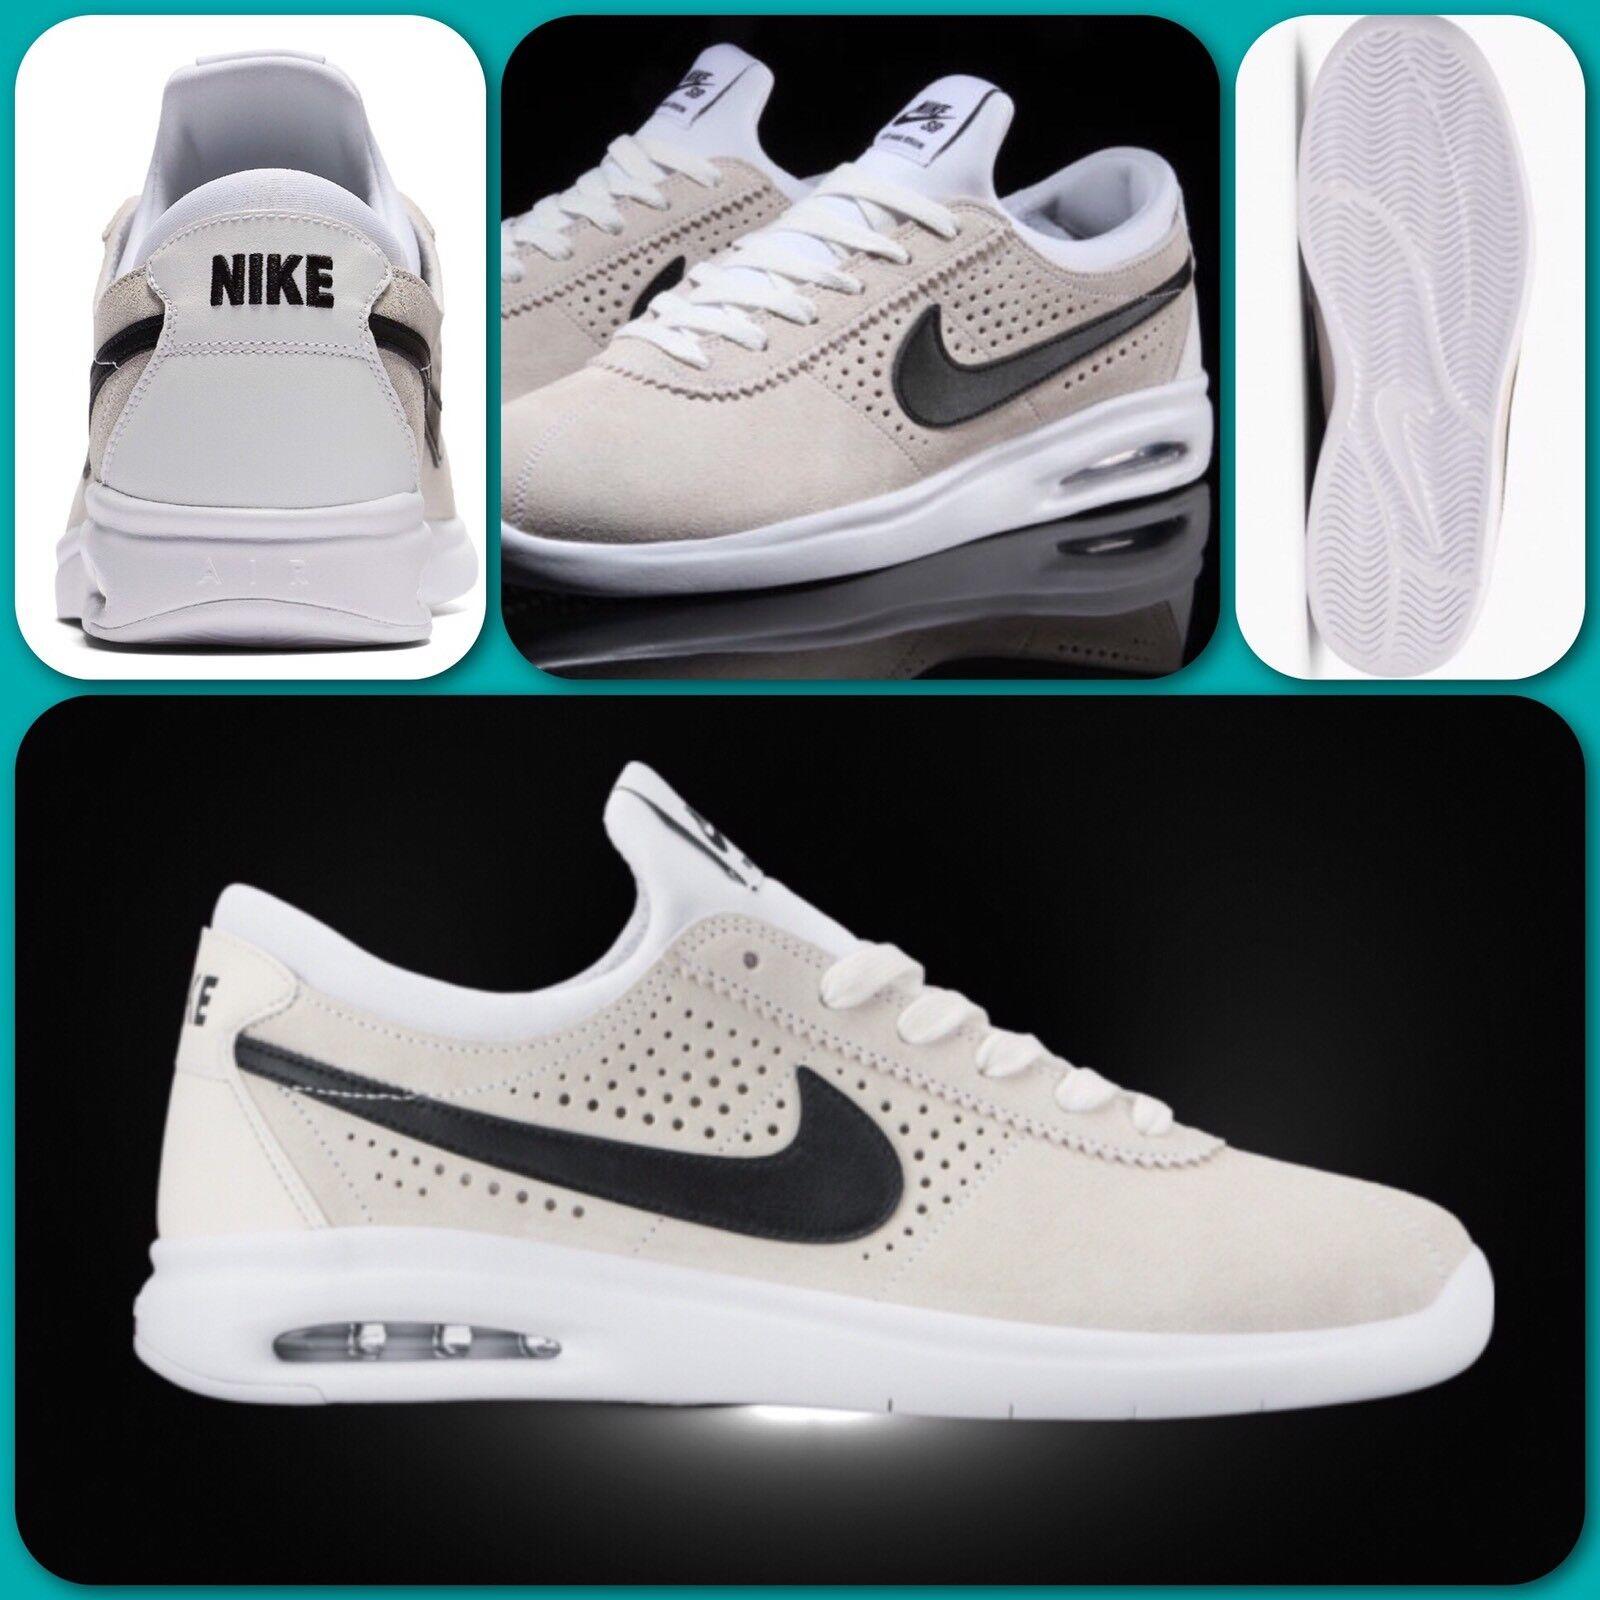 H13 Nike SB AIR MAX Bruin Vapor Scarpe da ginnastica 10 882097-101 EUR 44 US 10 ginnastica c15a8f